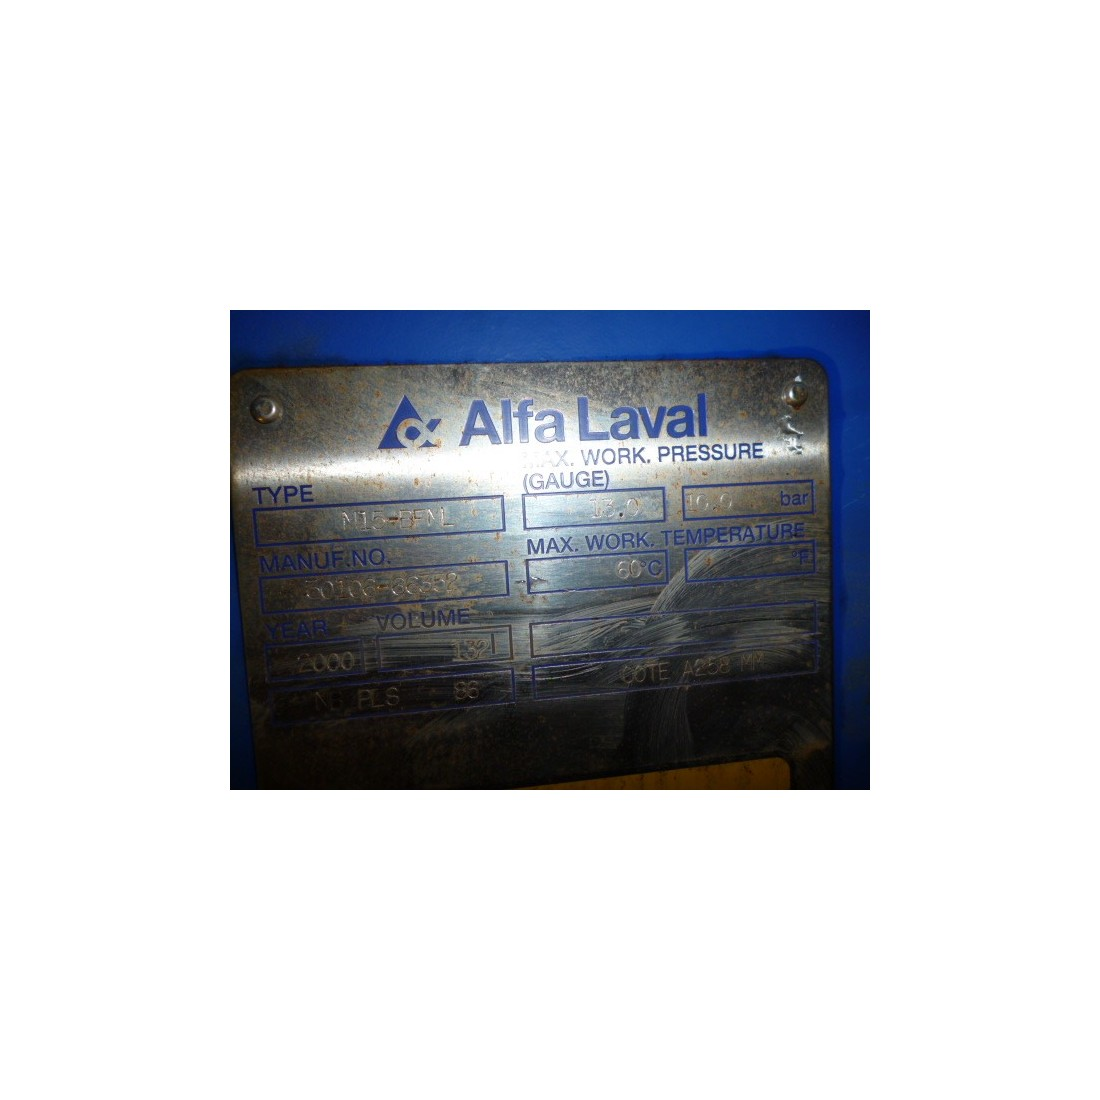 Echangeur alfa laval m15 котлы baxi промывка теплообменника